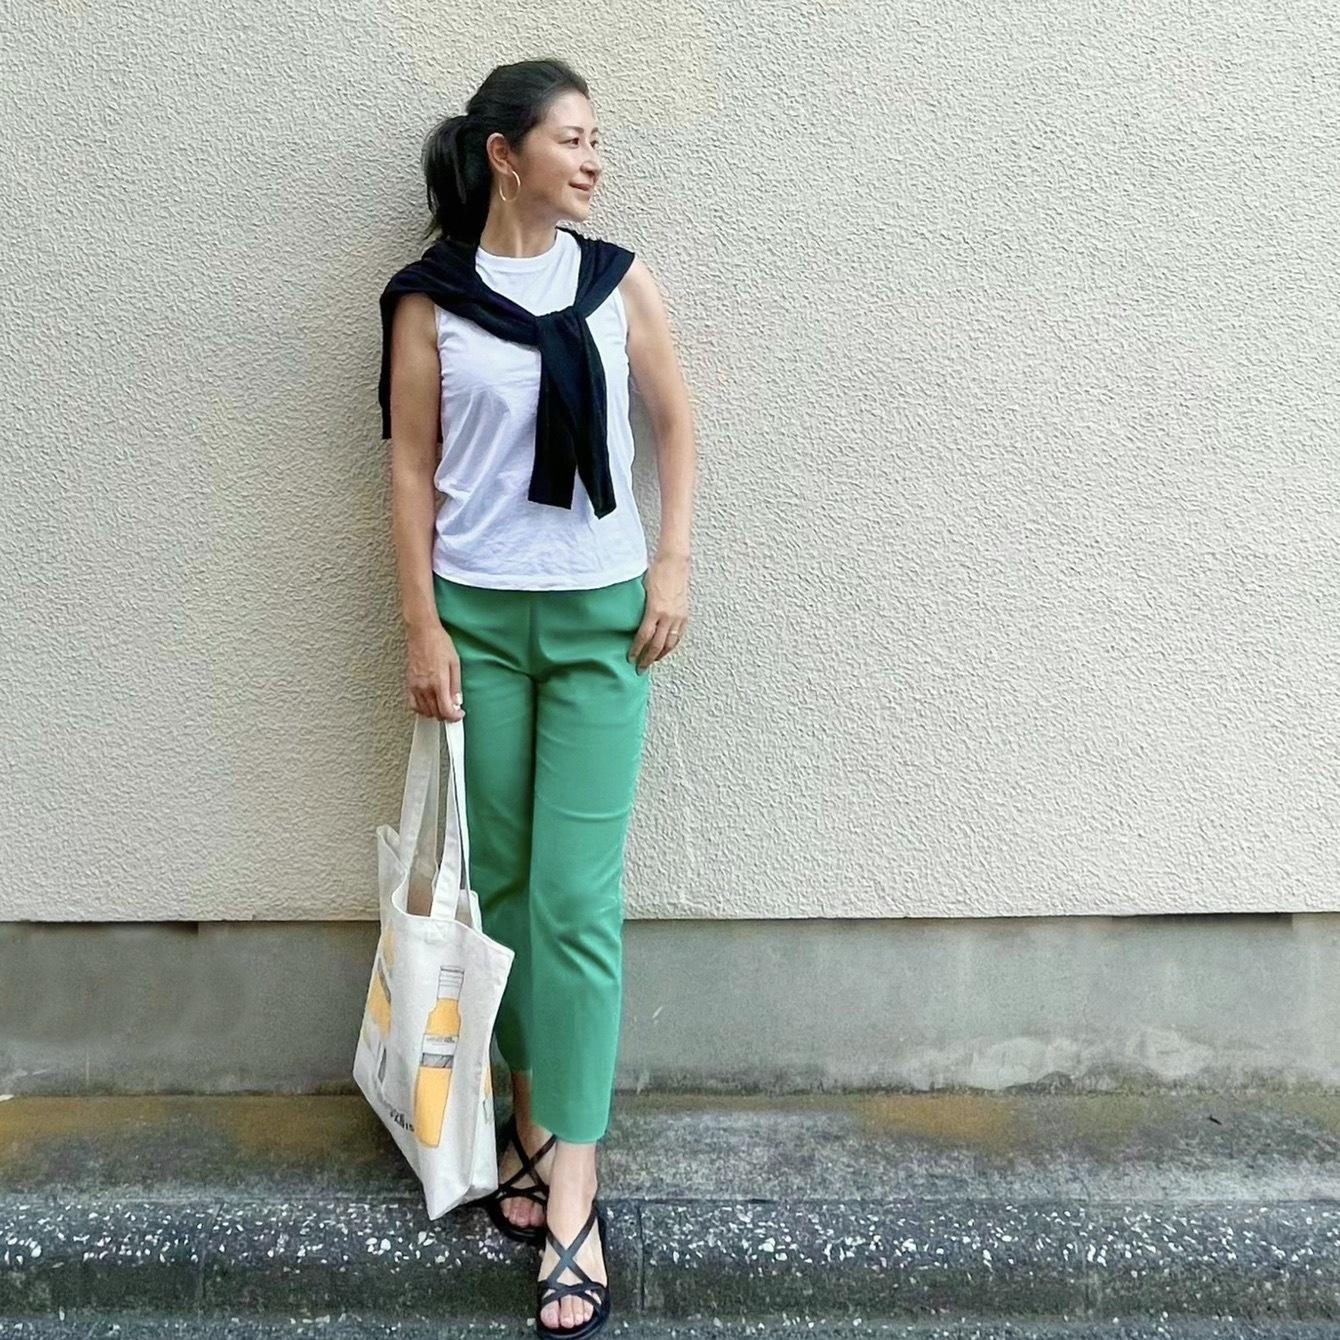 白Tシャツ、黒カーディガン、グリーンパンツ、黒サンダル、エコバッグ